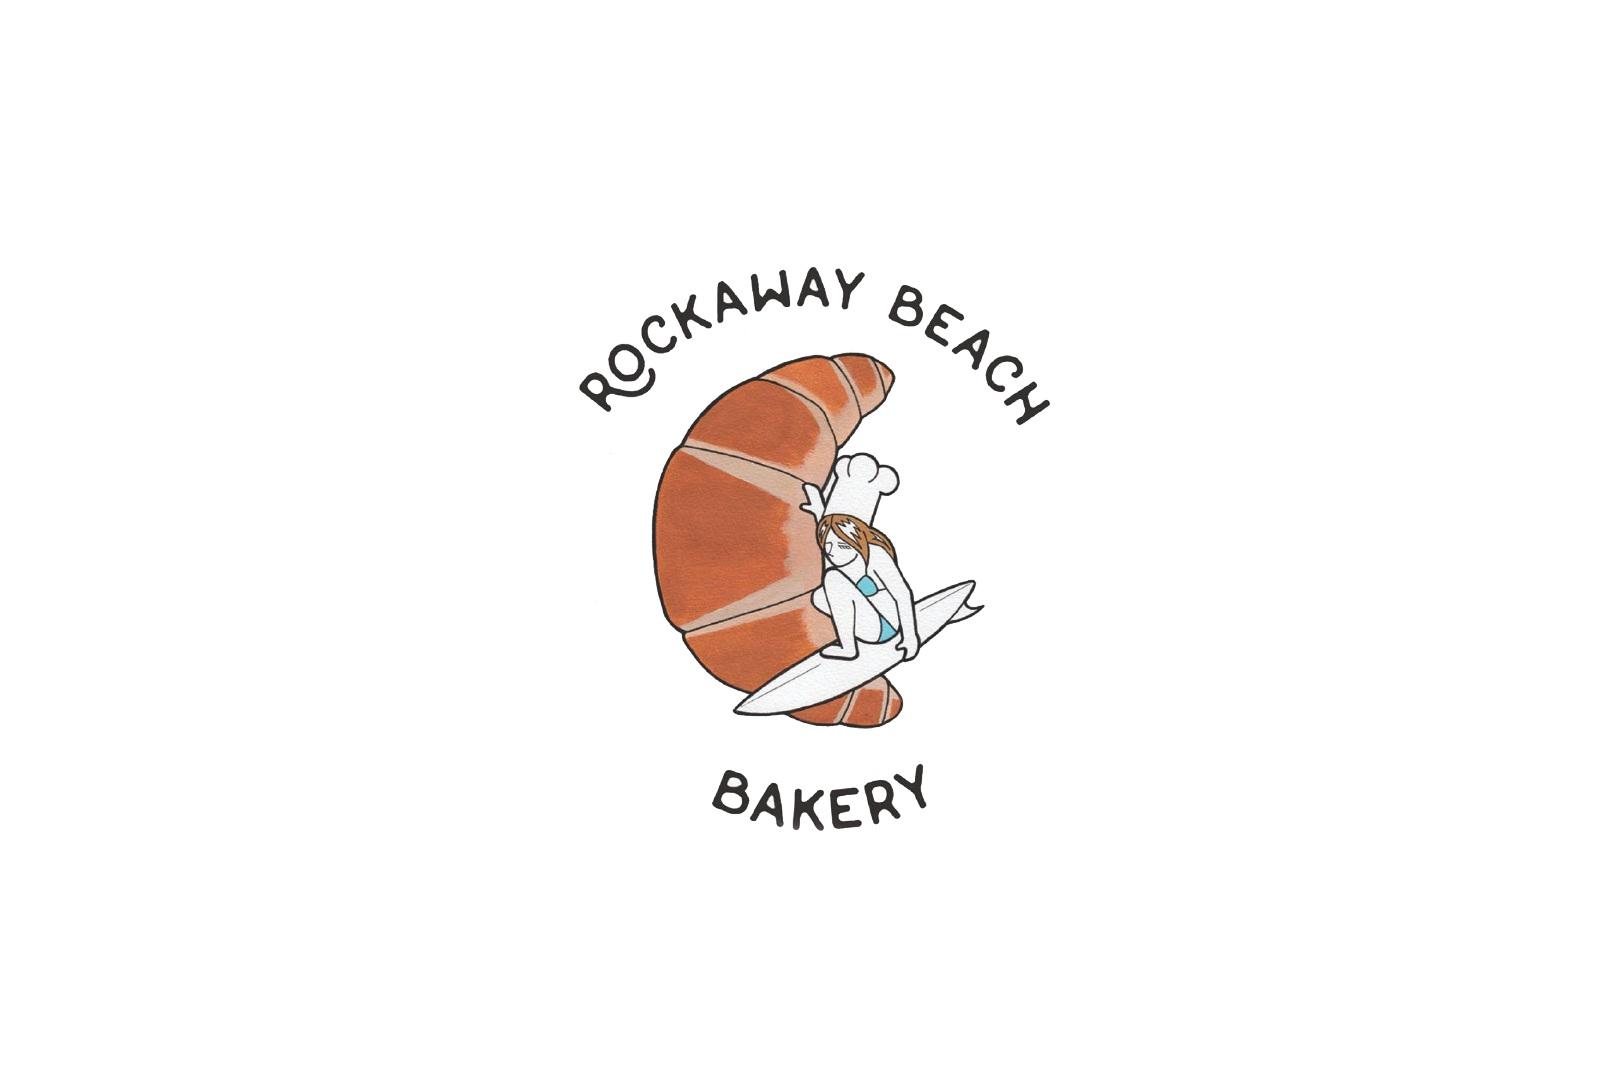 frb+bakery-v2-01.jpg